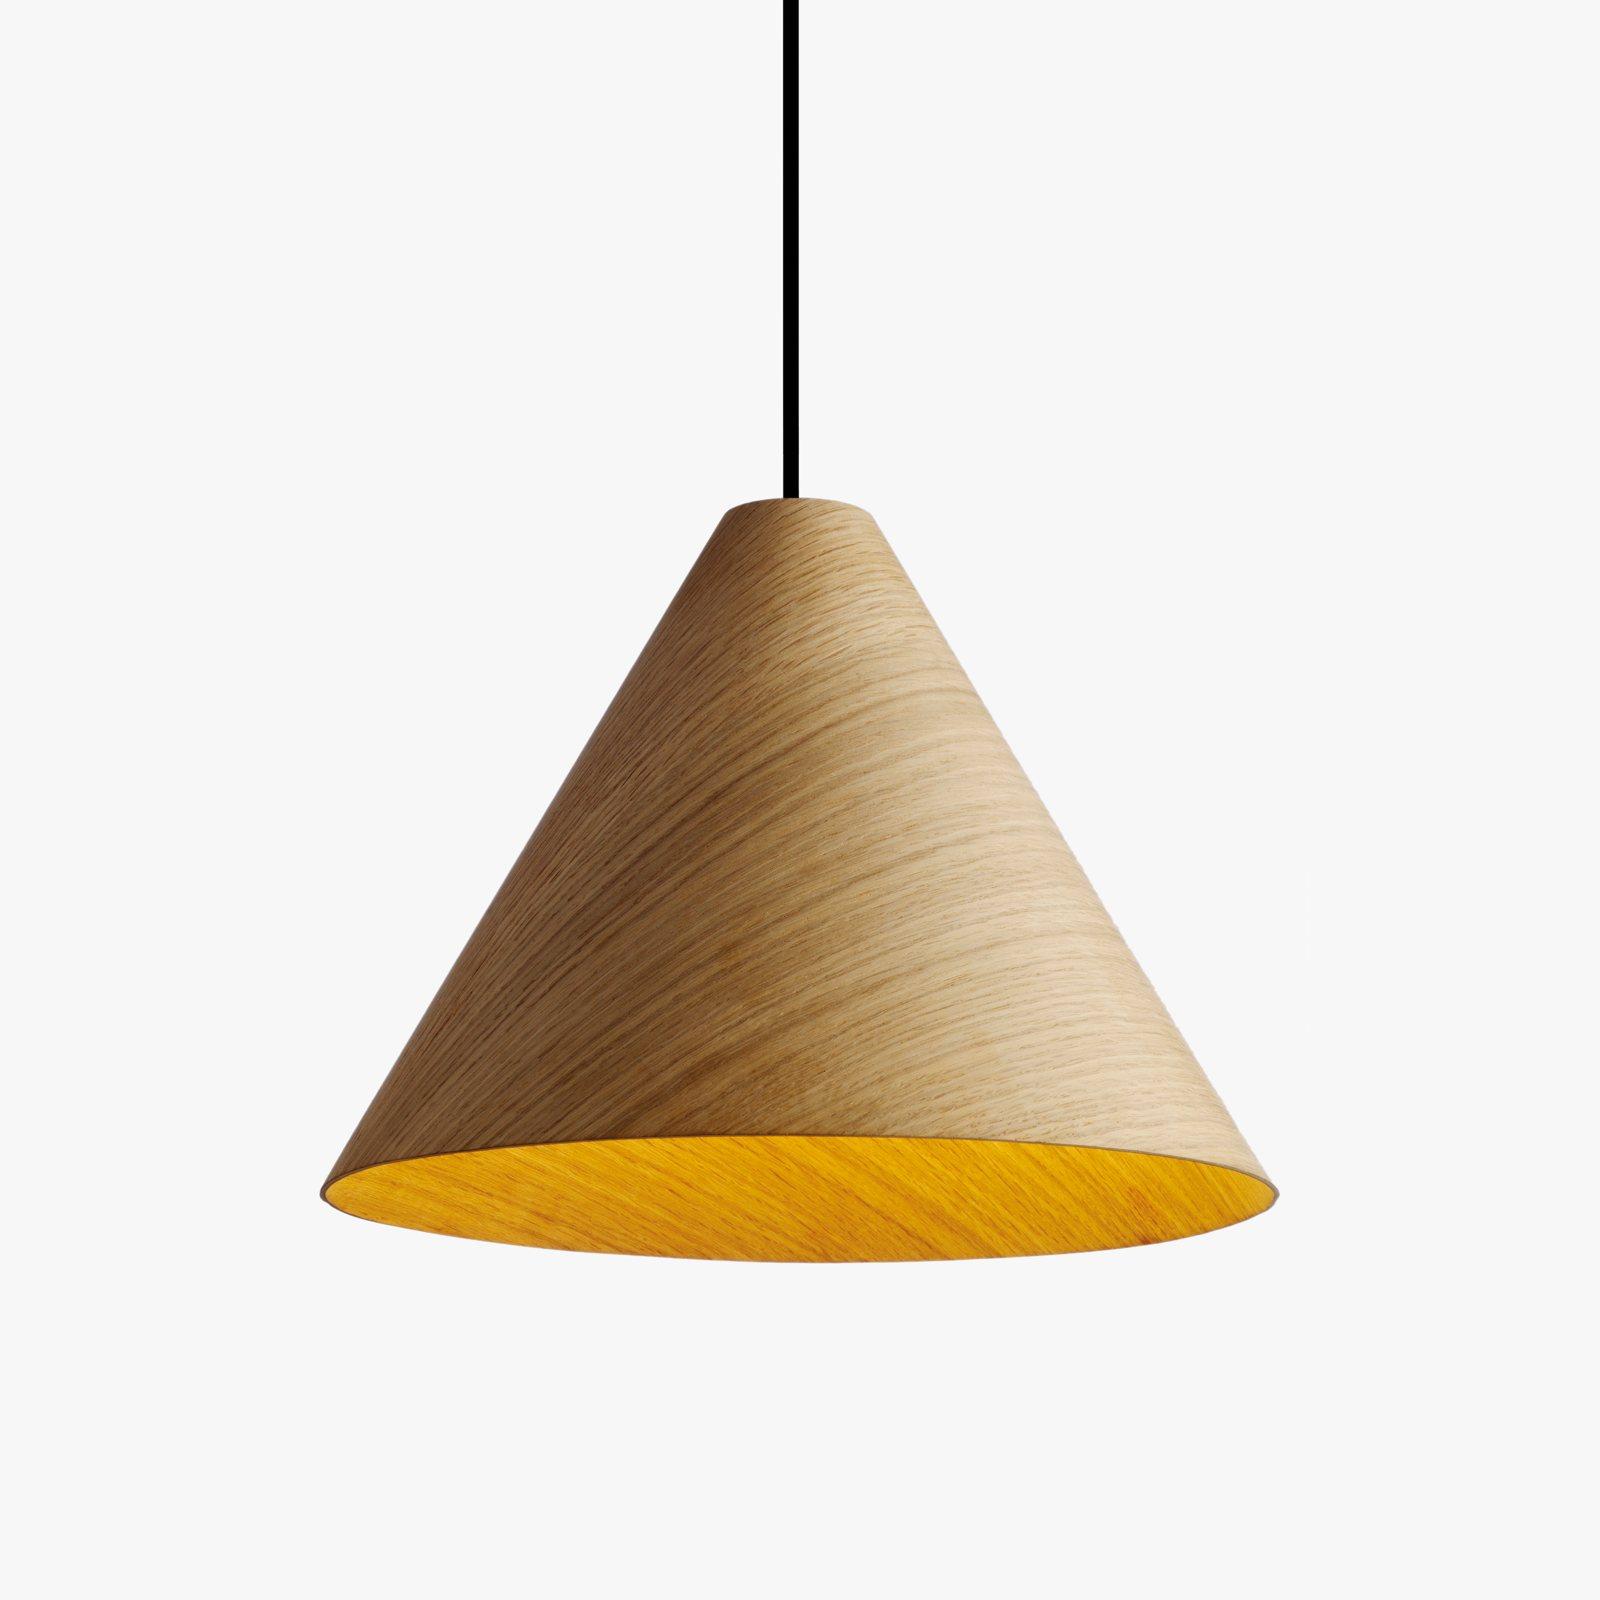 How to Set Up a Lightweight LAMP VM